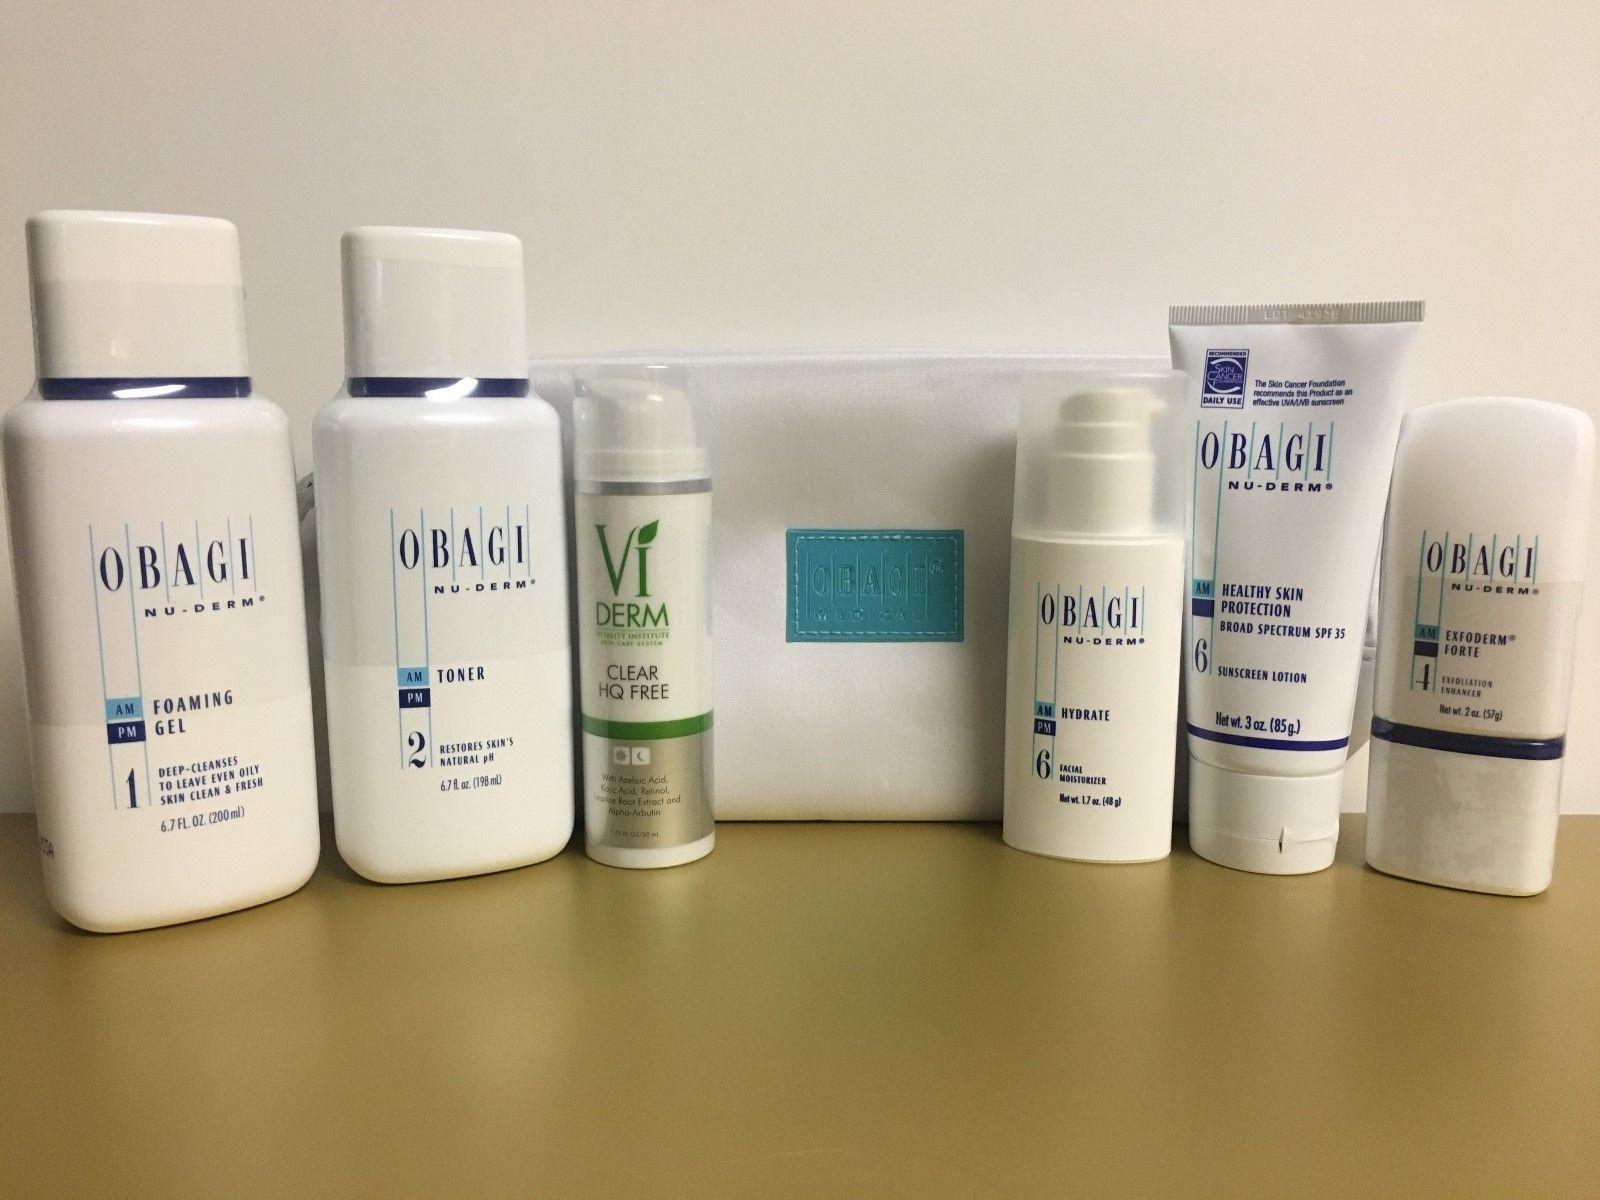 Obagi Nu-Derm  VI DERM Set 6pcs NORMAL/OIL Skin New Sealed Full Size FREE BAG